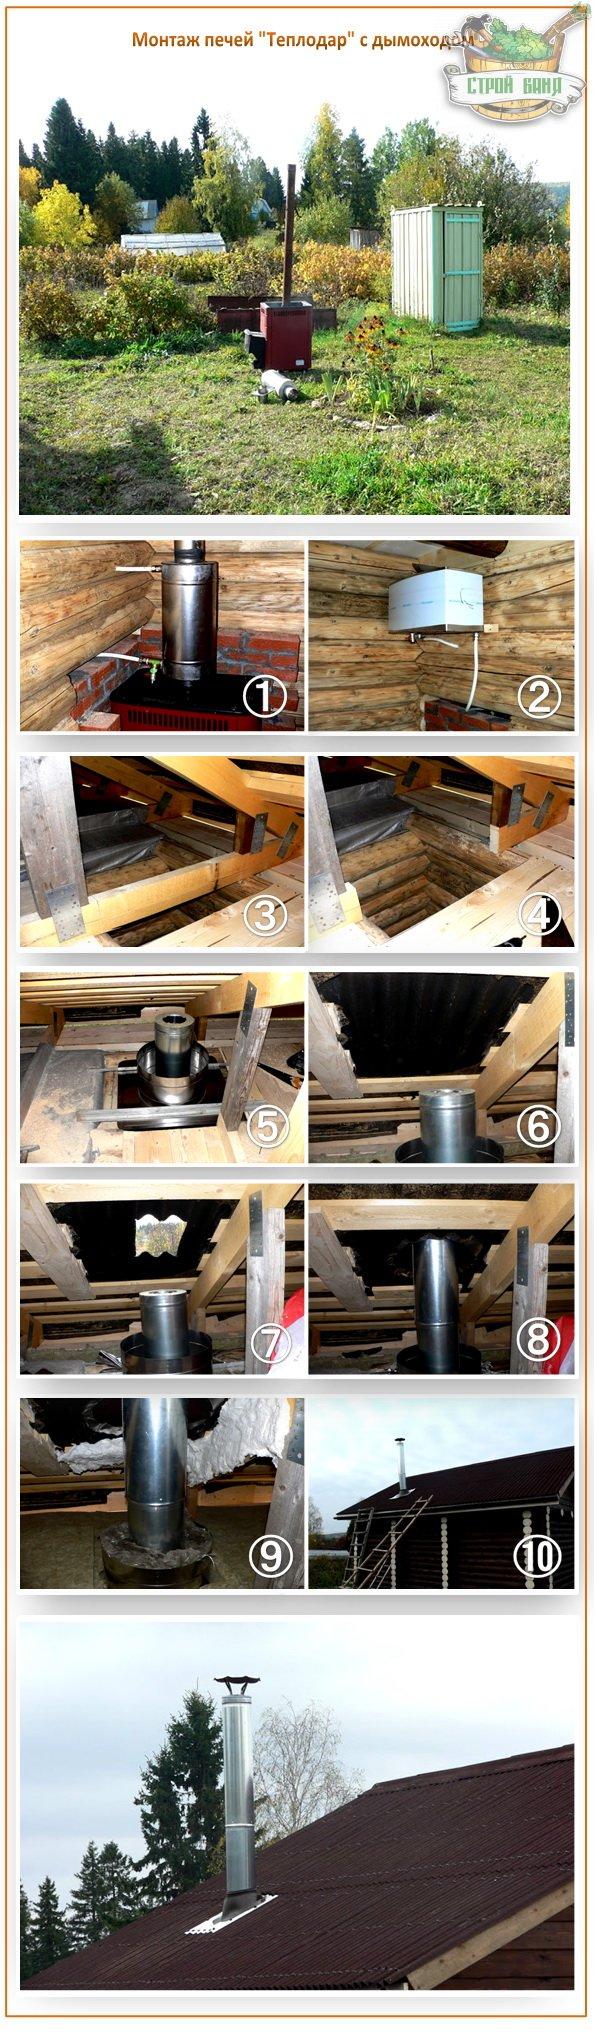 печь отопительная теплодар топ 140 инструкция